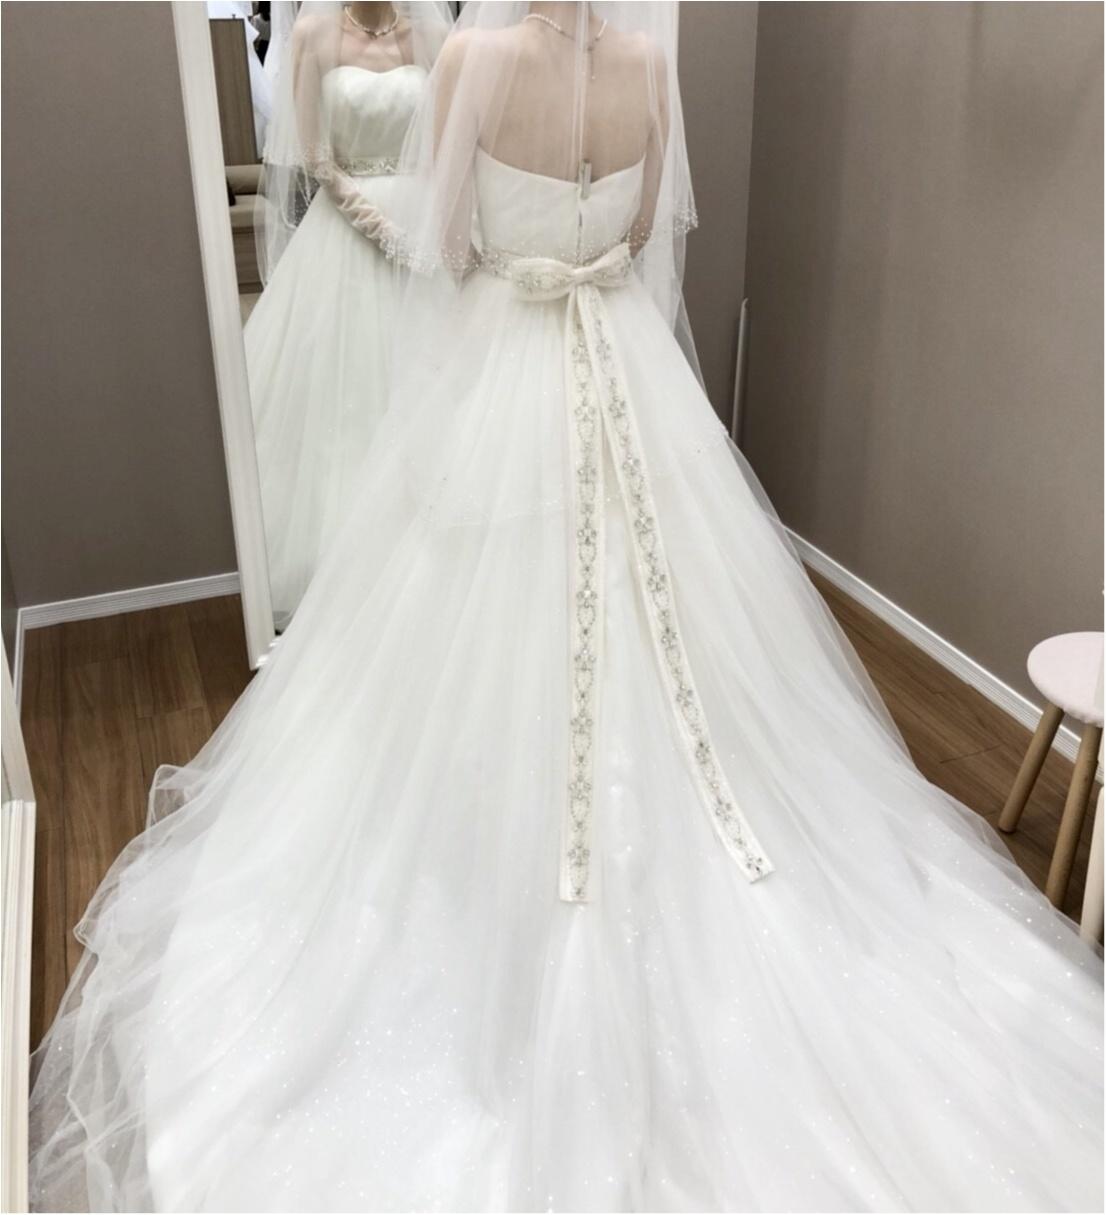 結婚式特集《ウェディングドレス編》- 20代に人気の種類やブランドは?_13